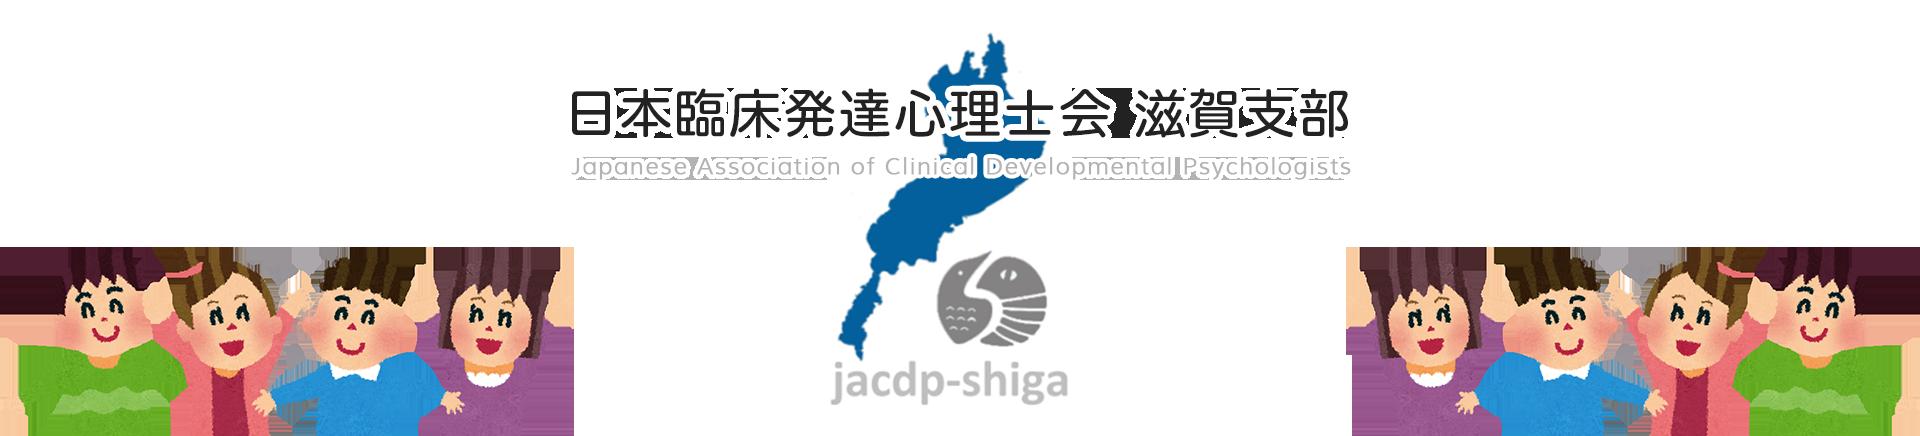 日本臨床発達心理士会 滋賀支部